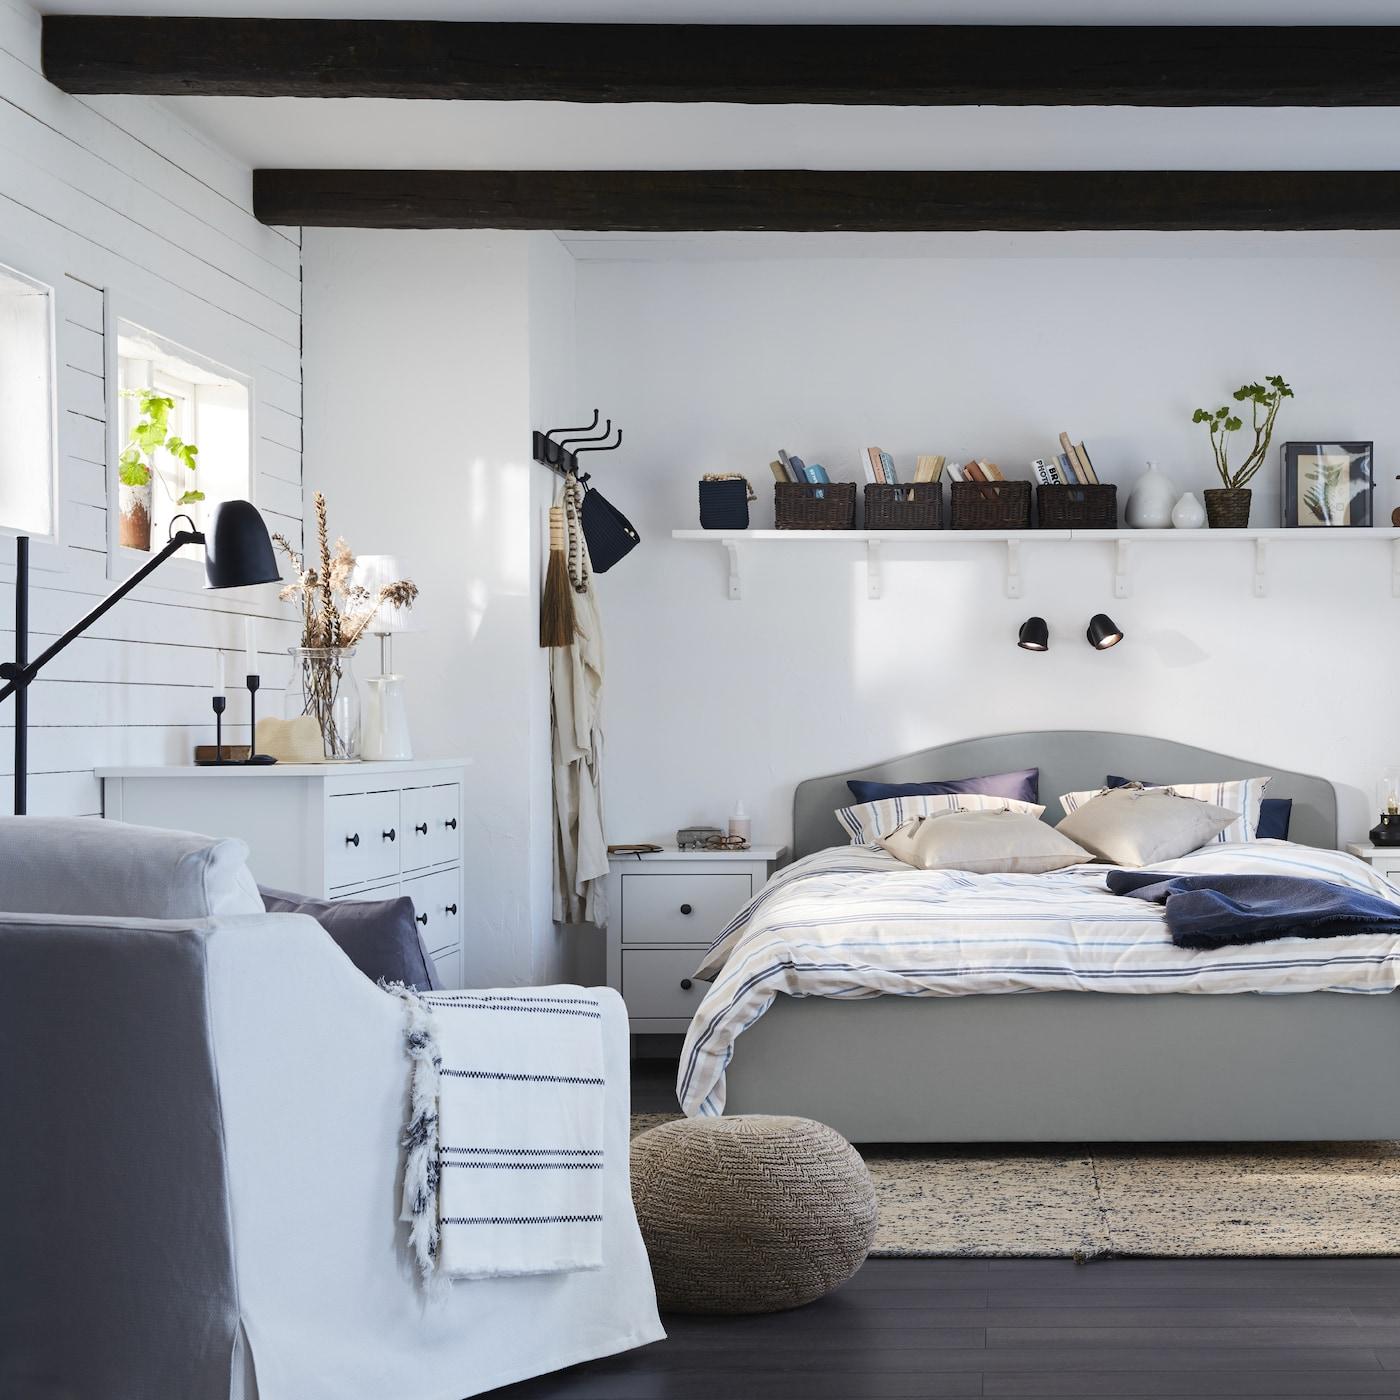 mDesign Comodino in tessuto Marrone scuro Ottima cassettiera per le camere da letto appartamenti e stanze piccole Pratico sistema di organizzazione con 5 cassetti